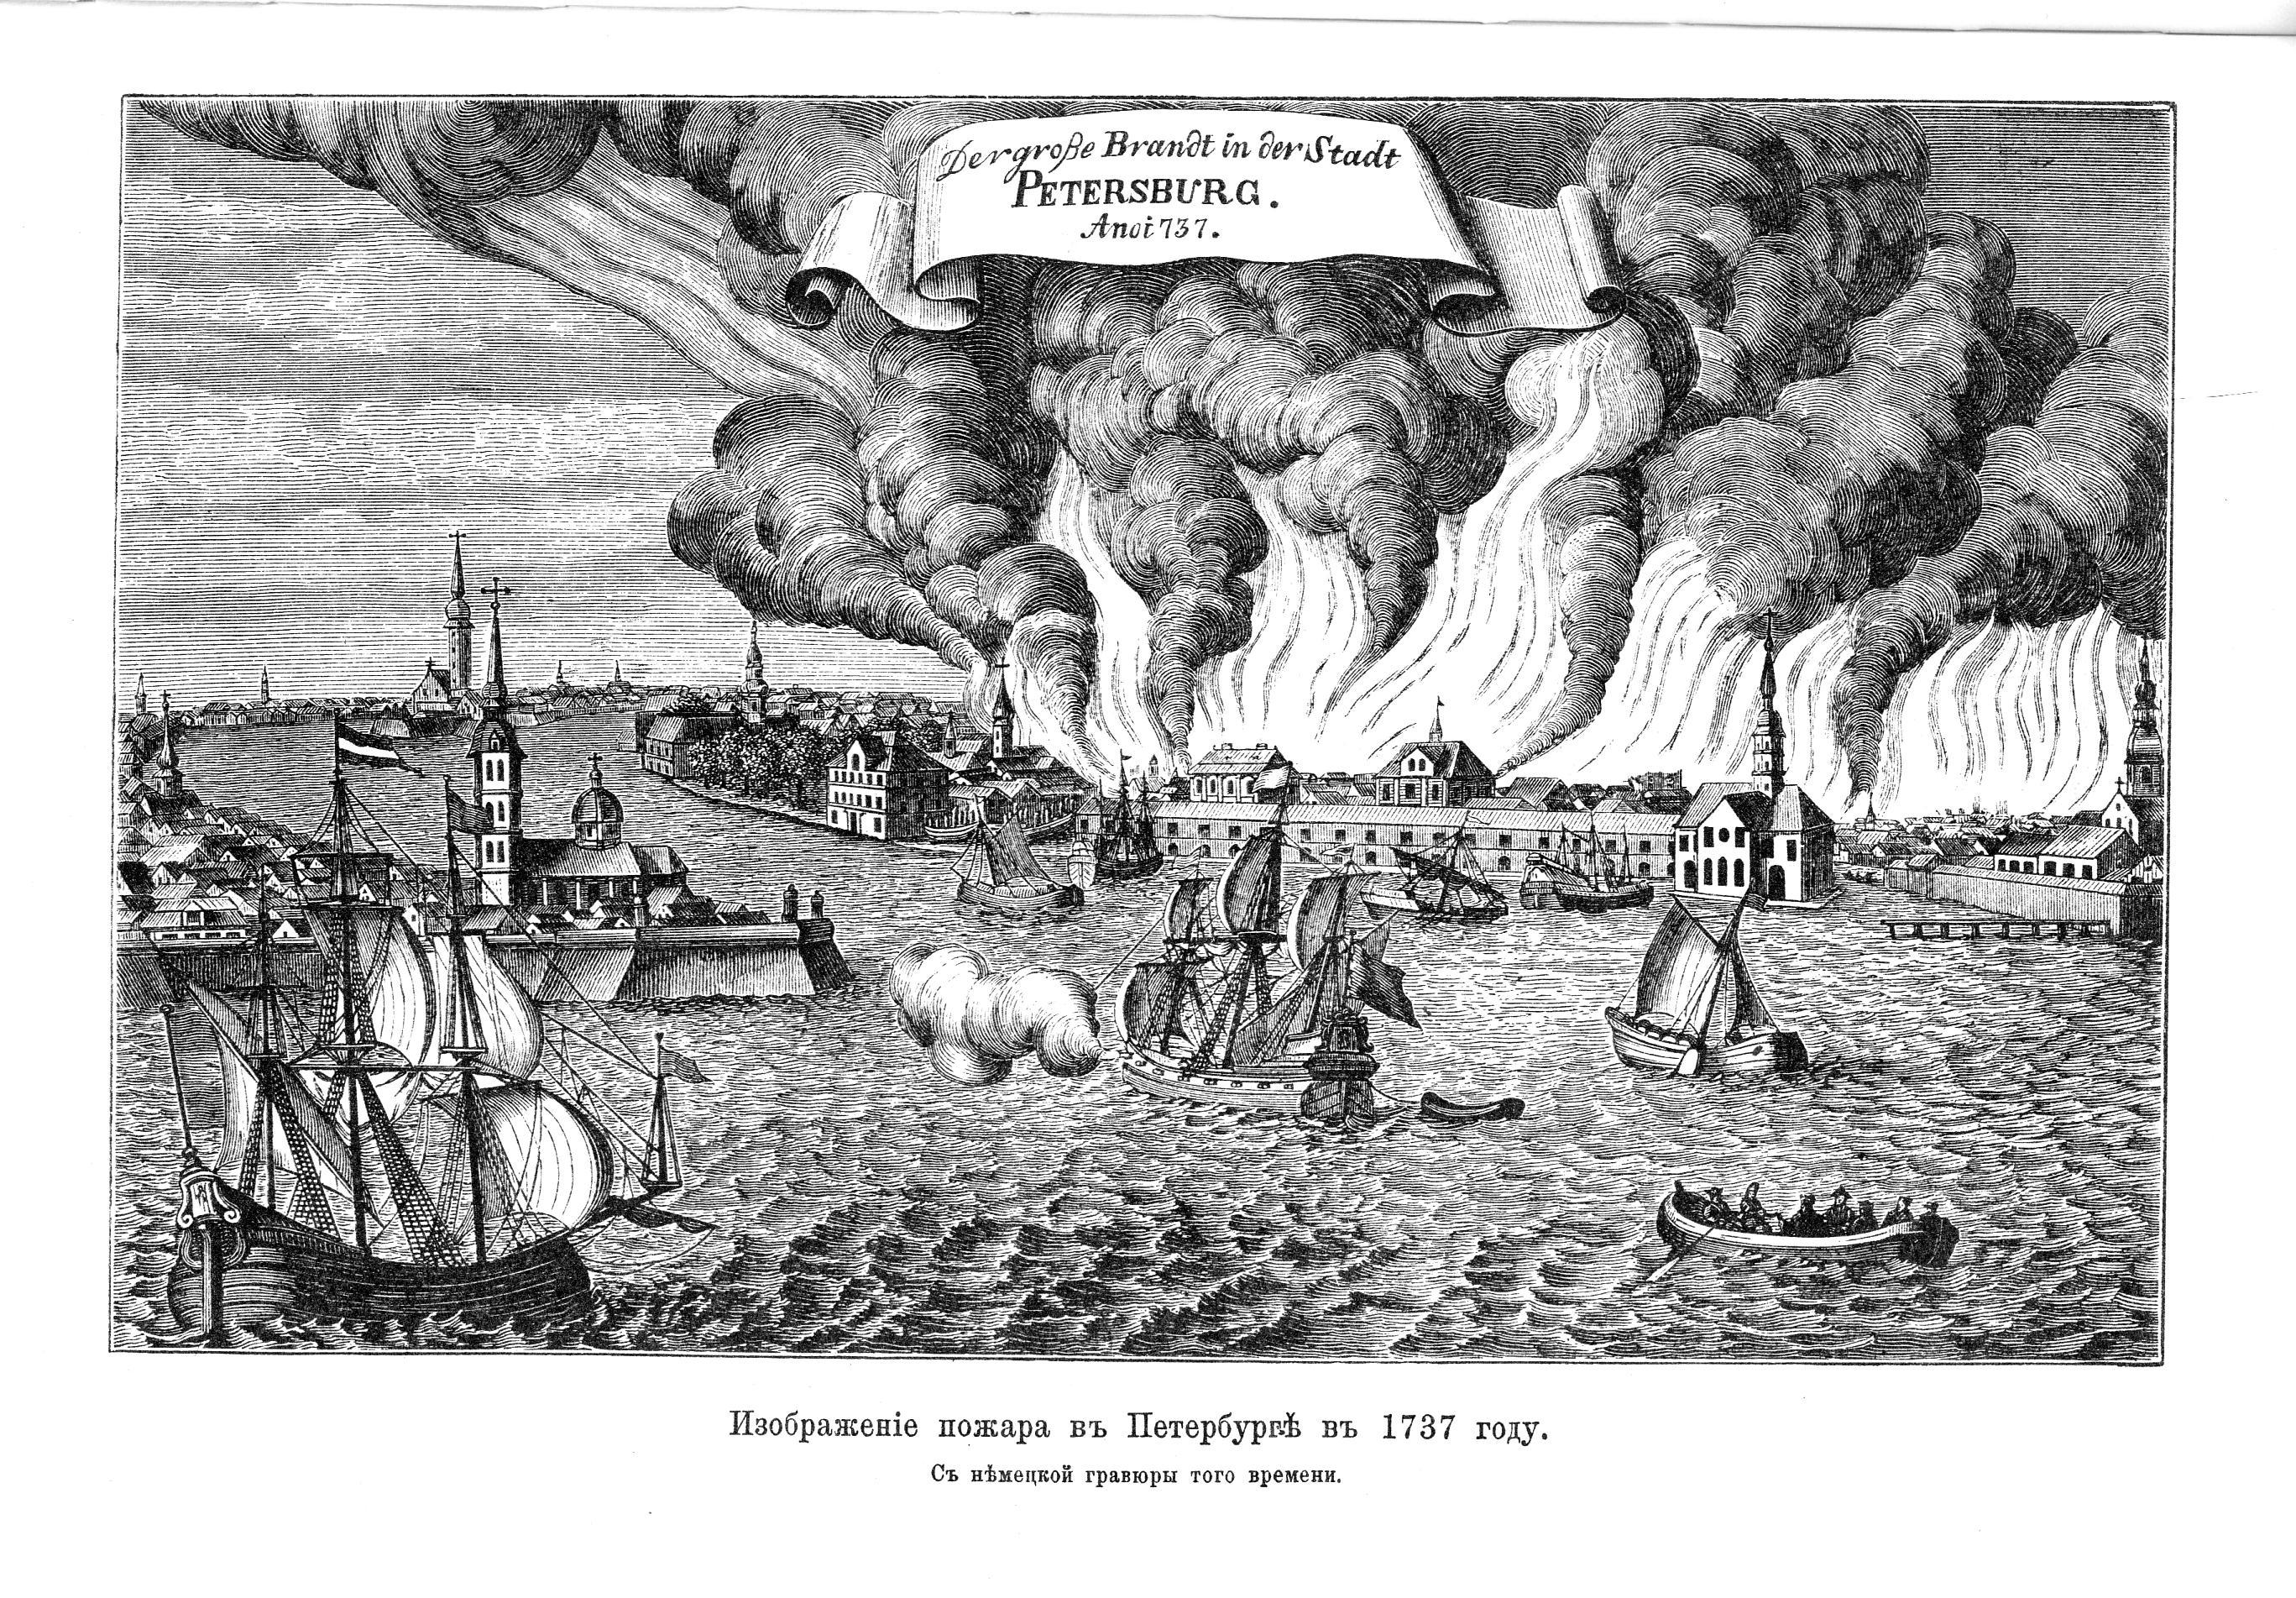 Пожар в Петербурге в 1737 году